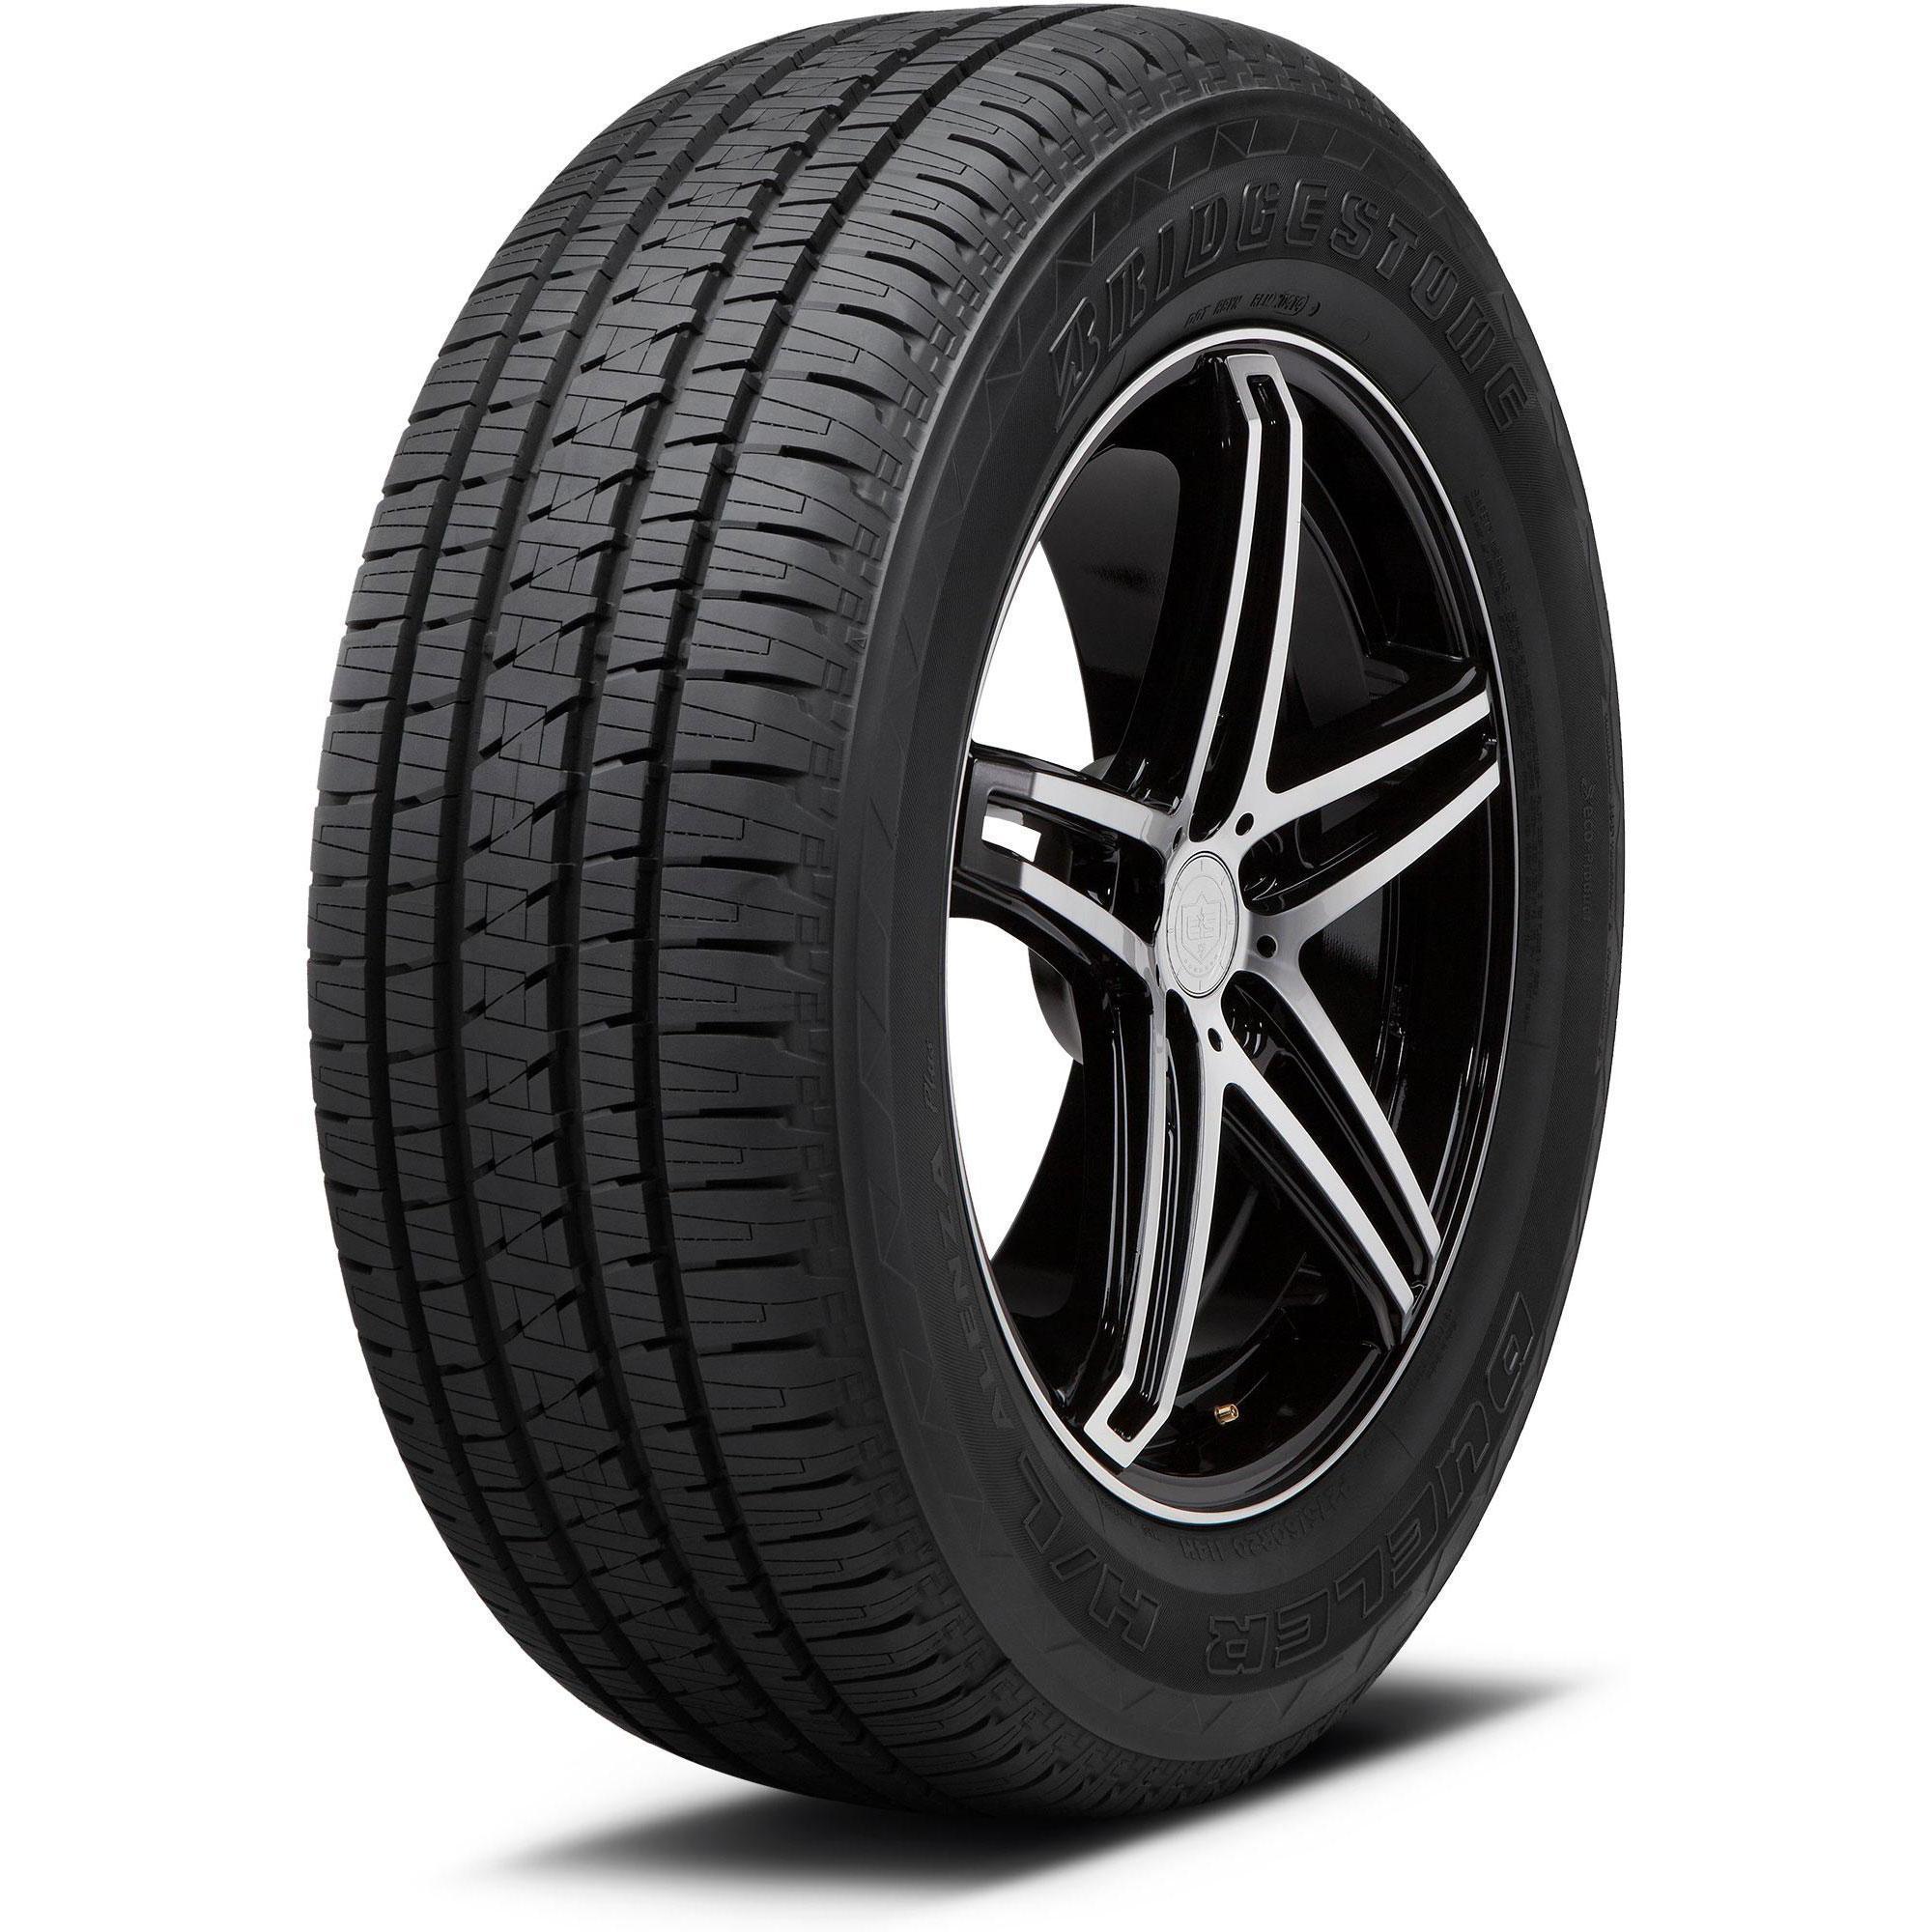 Dueler H L Alenza Plus >> Bridgestone Dueler H L Alenza Plus P275 65r18 Tirebuyer